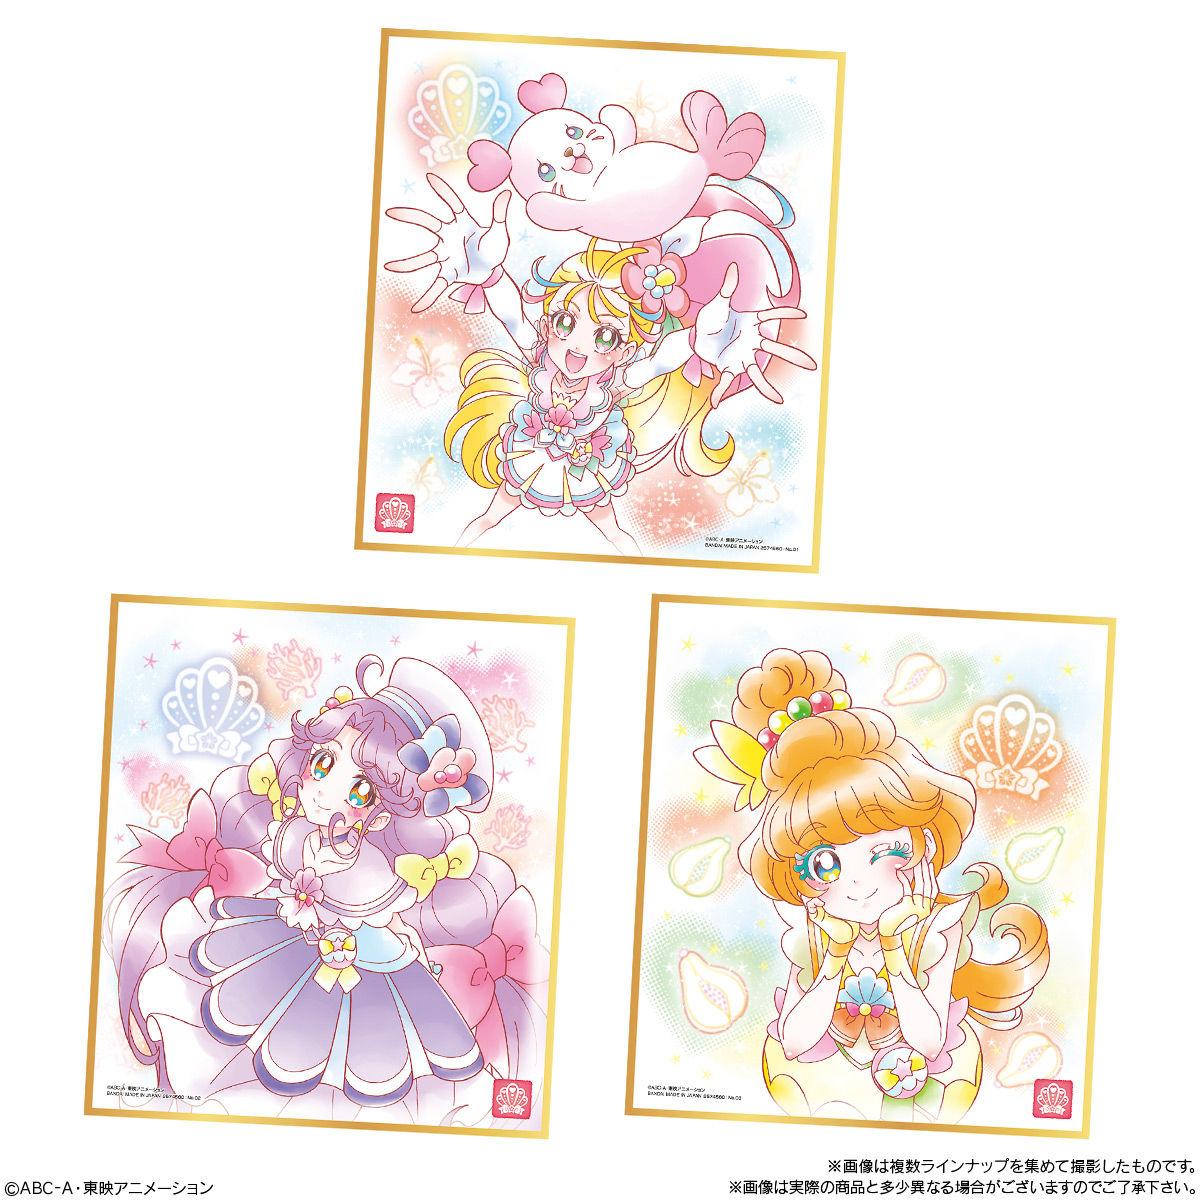 【食玩】プリキュア『プリキュア 色紙ART5』10個入りBOX-002